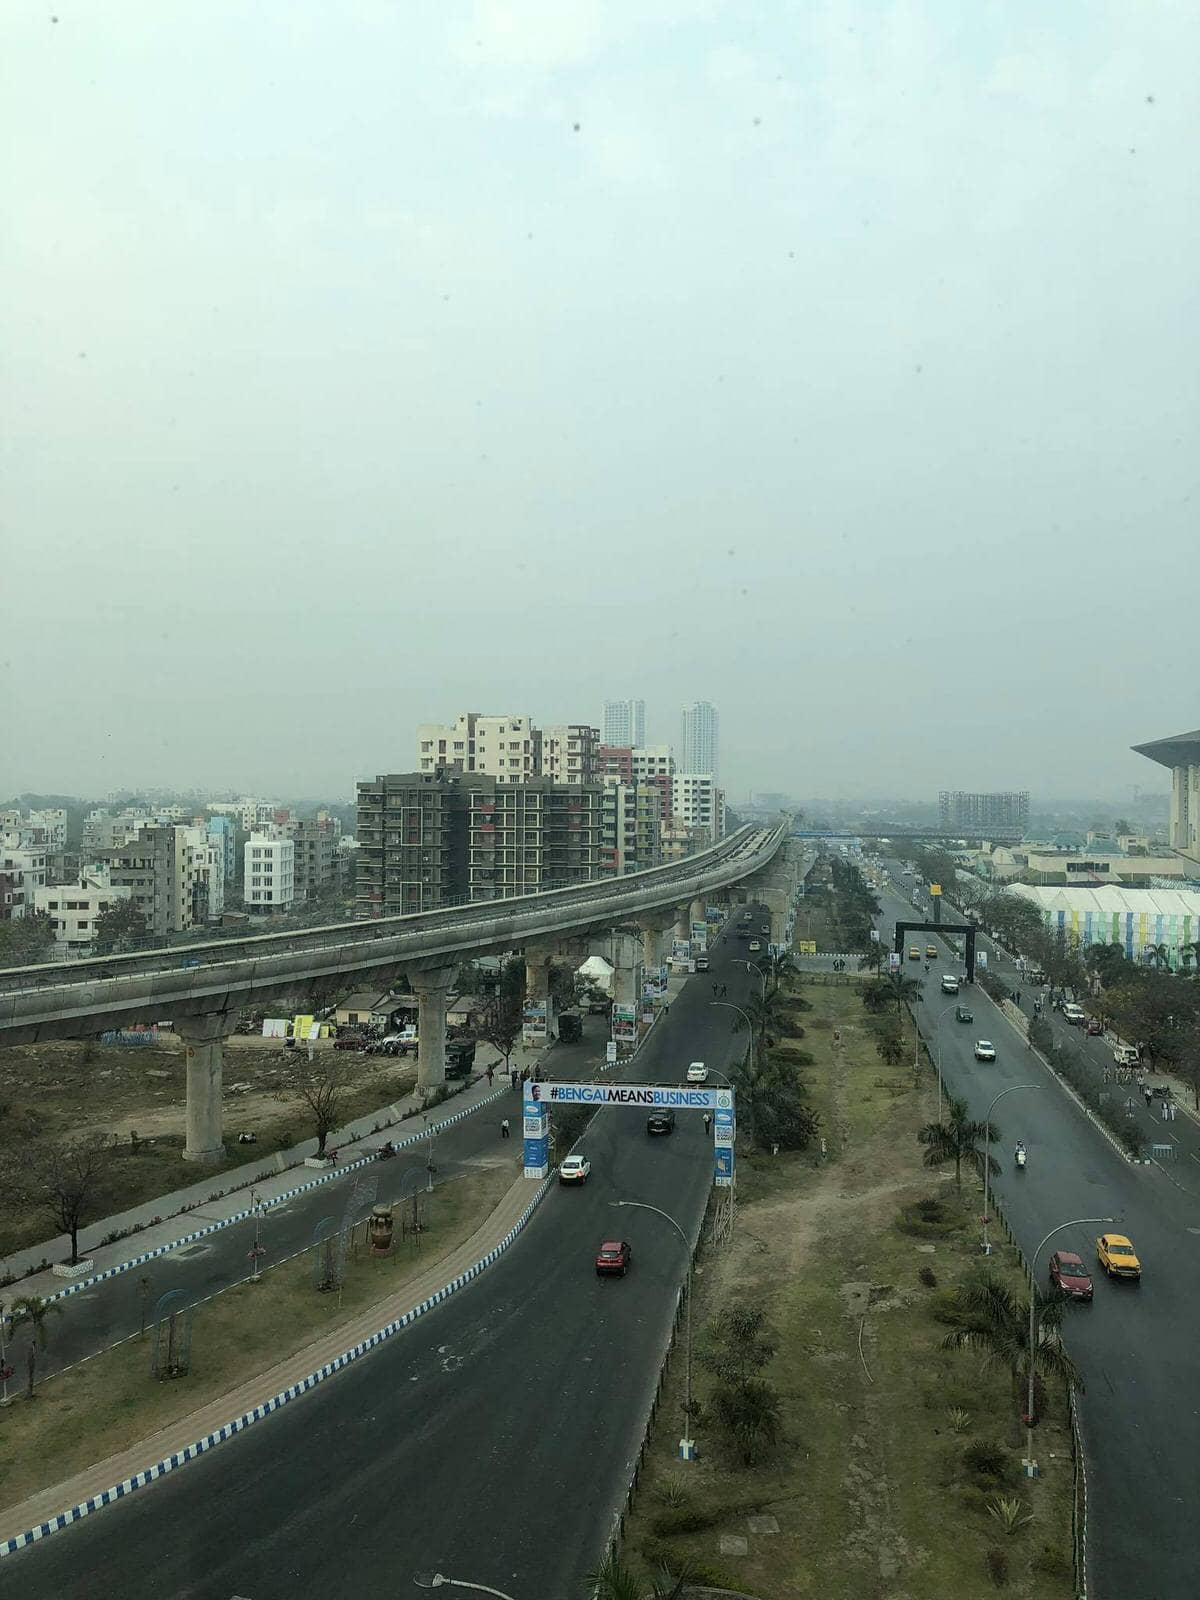 印度新景點!加爾各答門參觀指南